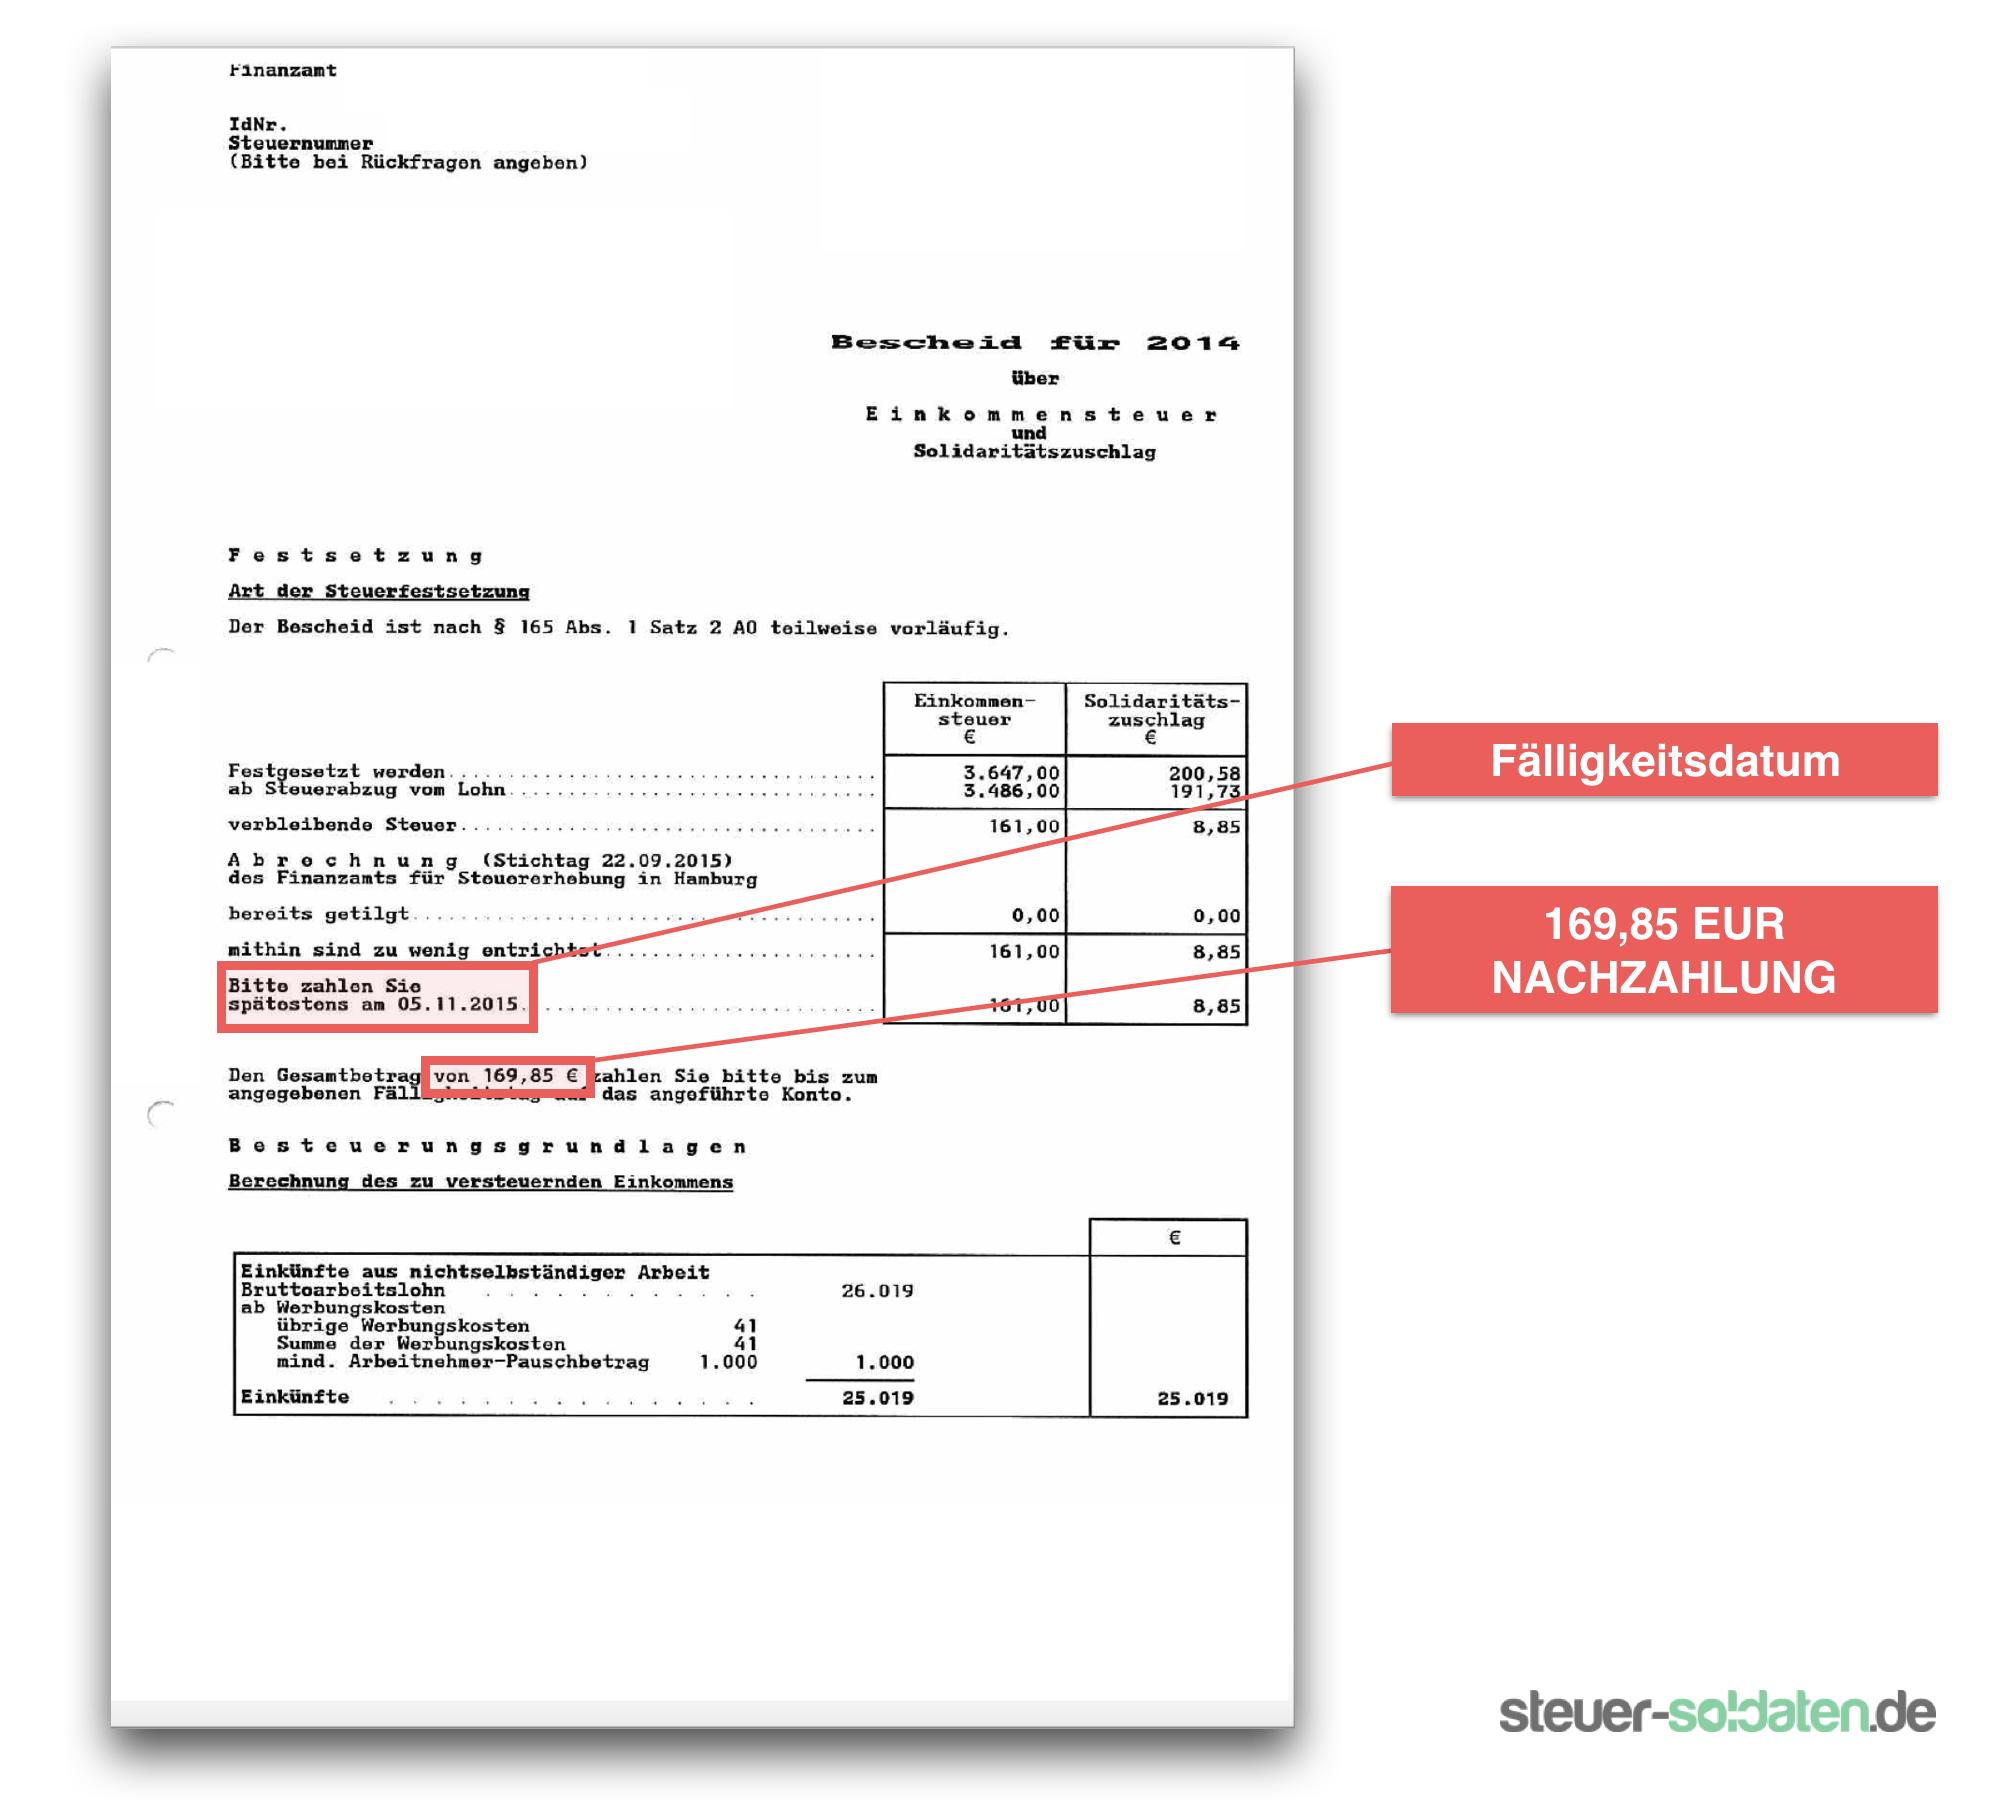 Nachzahlung Bescheid Soldat Bundeswehr